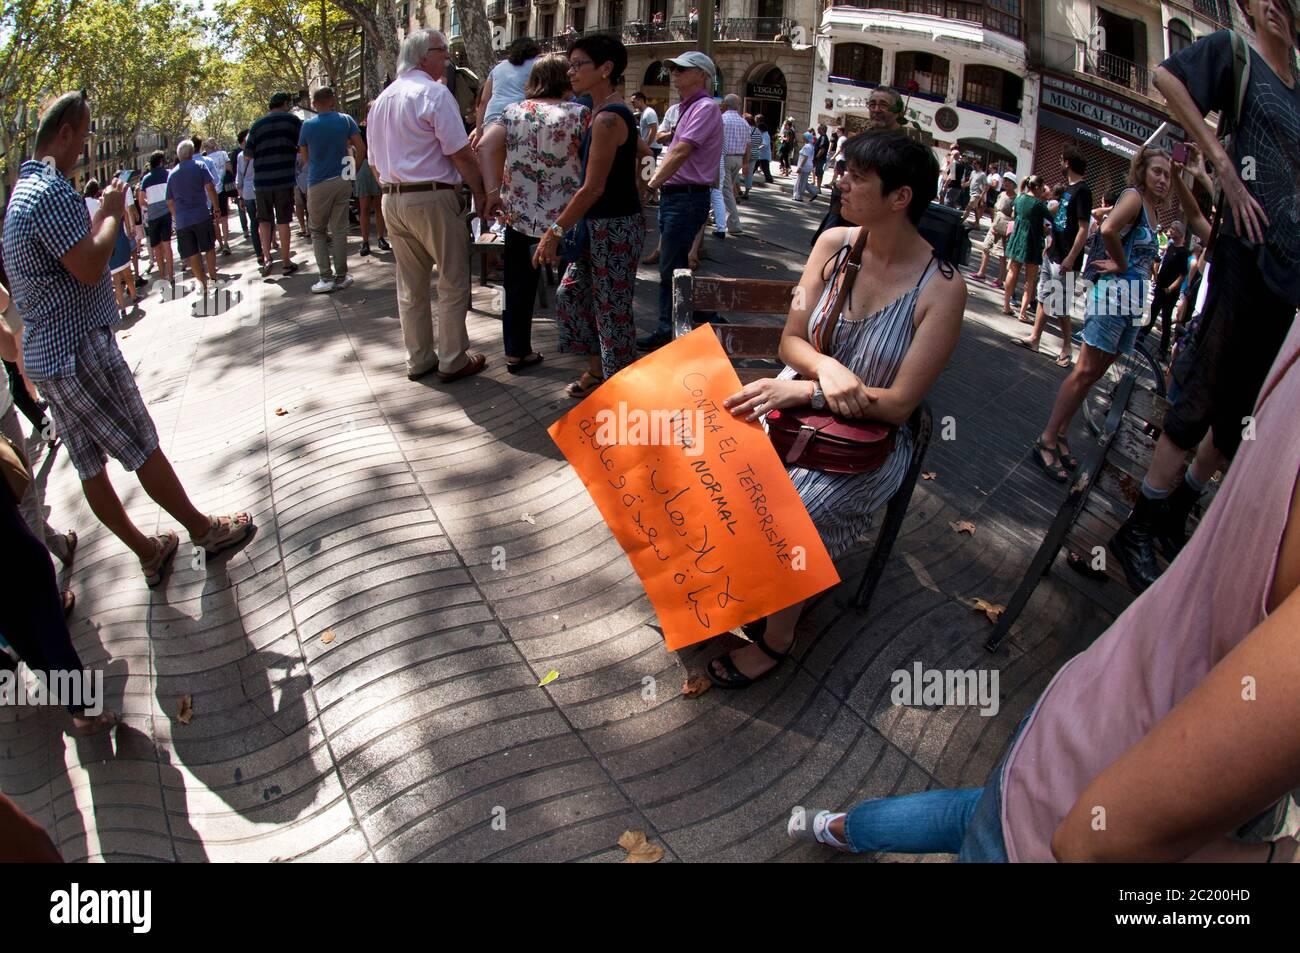 Protestation contre le terrorisme à Rambles le lendemain de l'attaque djihadiste, Barcelone, Espagne. Banque D'Images